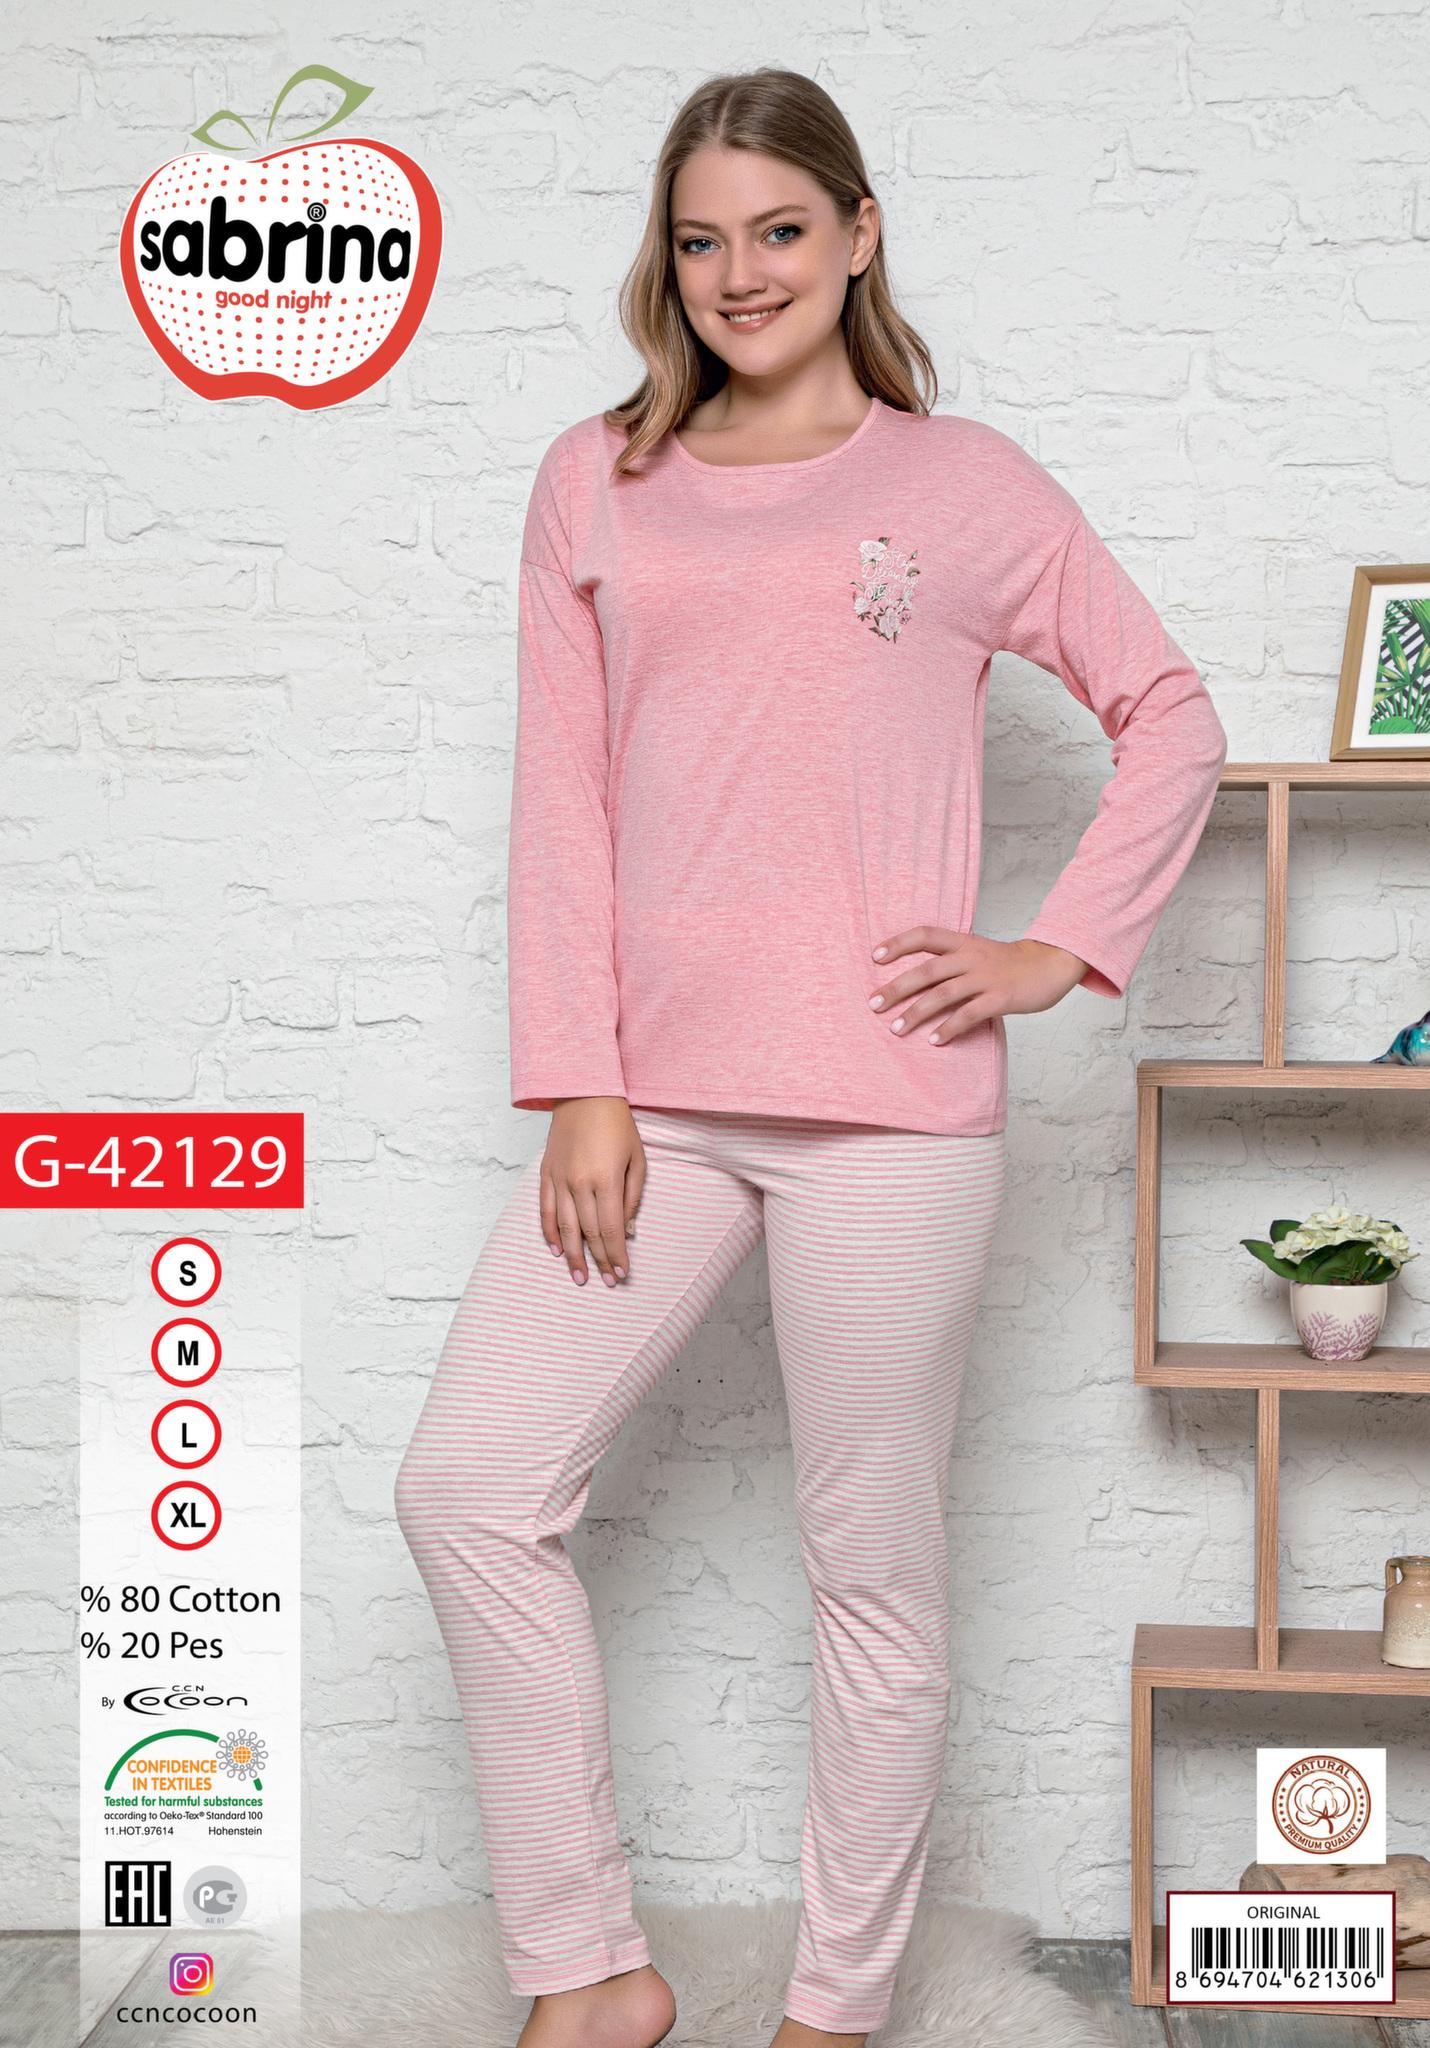 Комплект (кофта, брюки) G-42129 Sabrina